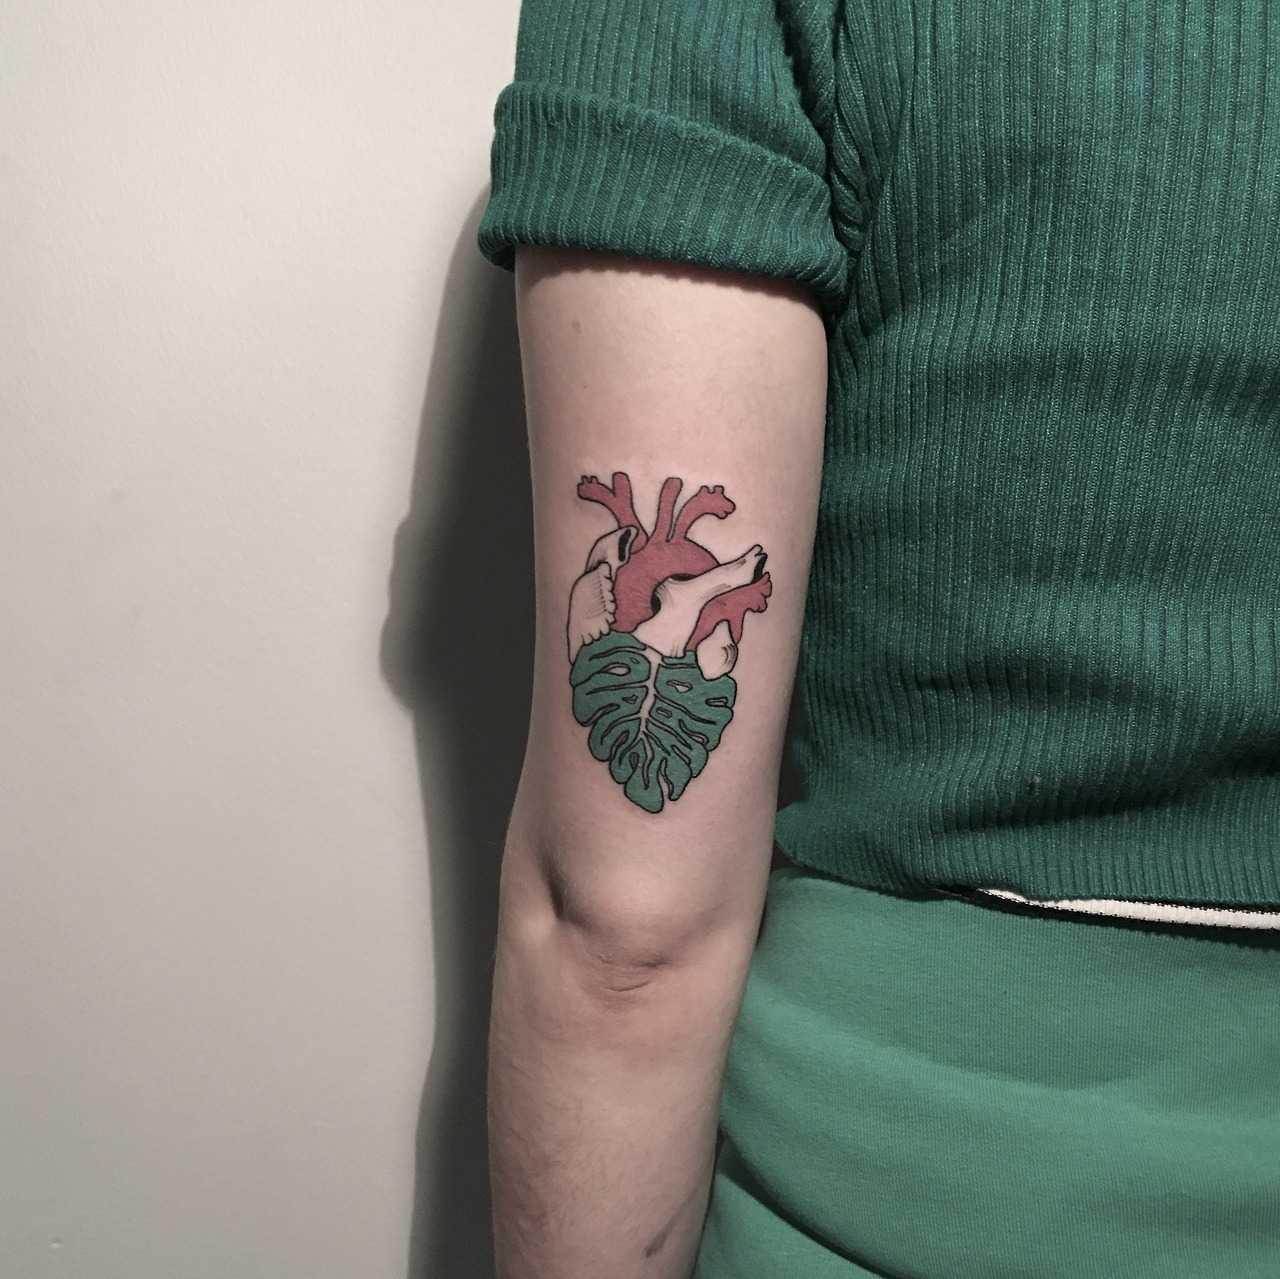 Heartleaf tattoo by Berkin Dönmez